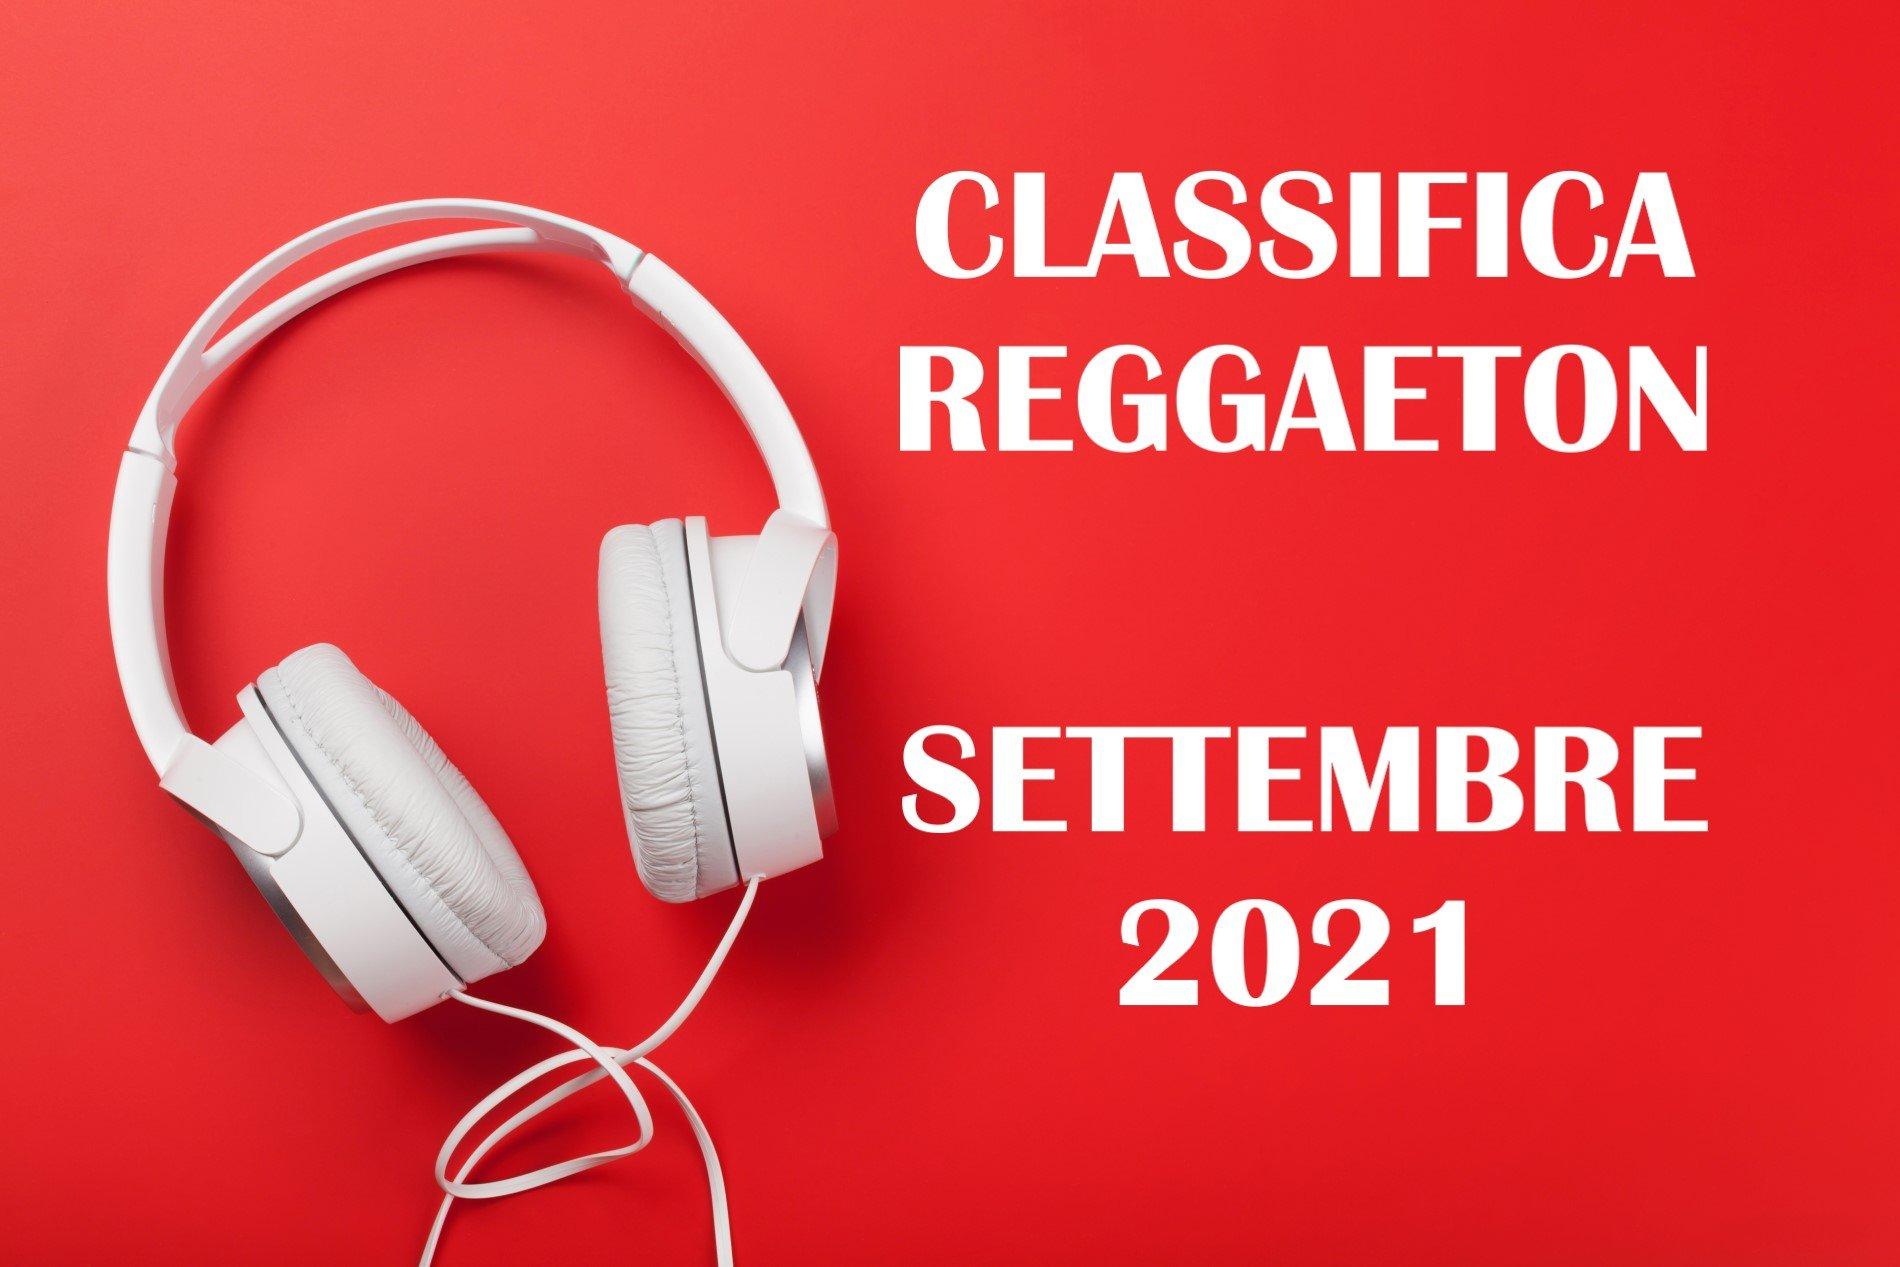 CLASSIFICA REGGAETON SETTEMBRE 2021 – LA MIGLIORE MUSICA REGGAETON SETTEMBRE 2021